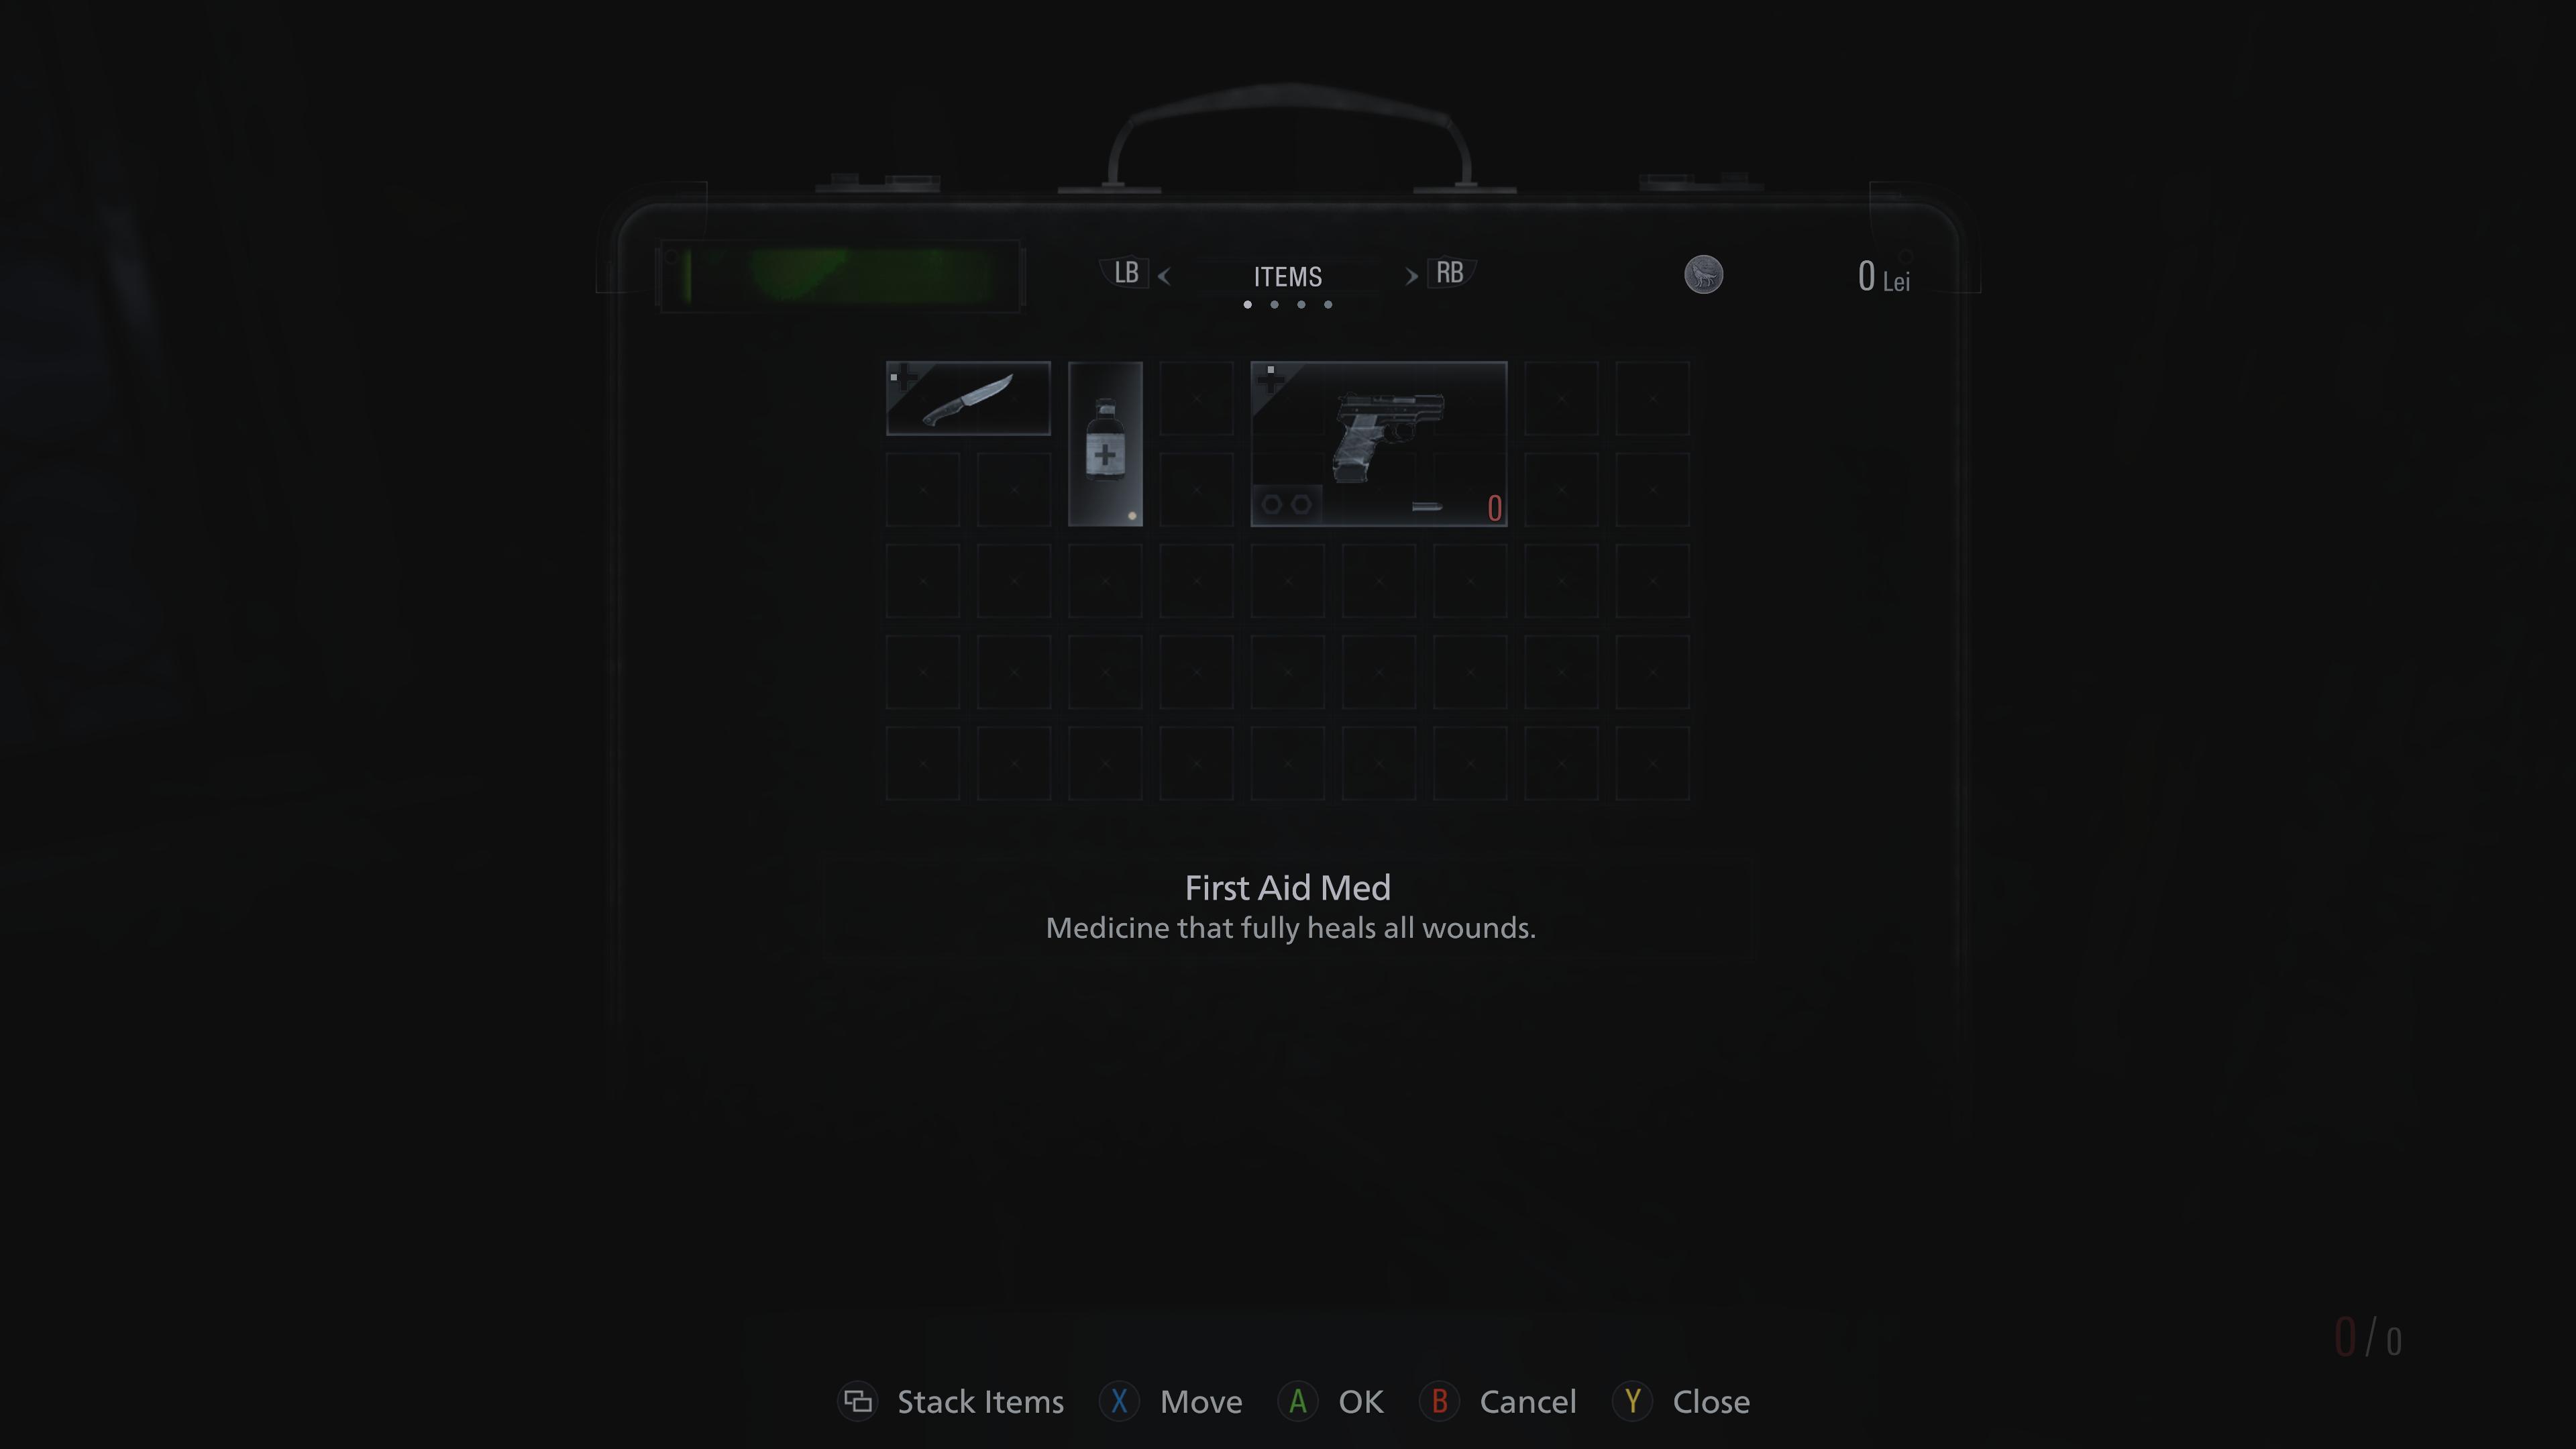 Kufrík slúži ako inventár, v ktorom si môžeš odložiť zbrane či iné vybavenie.